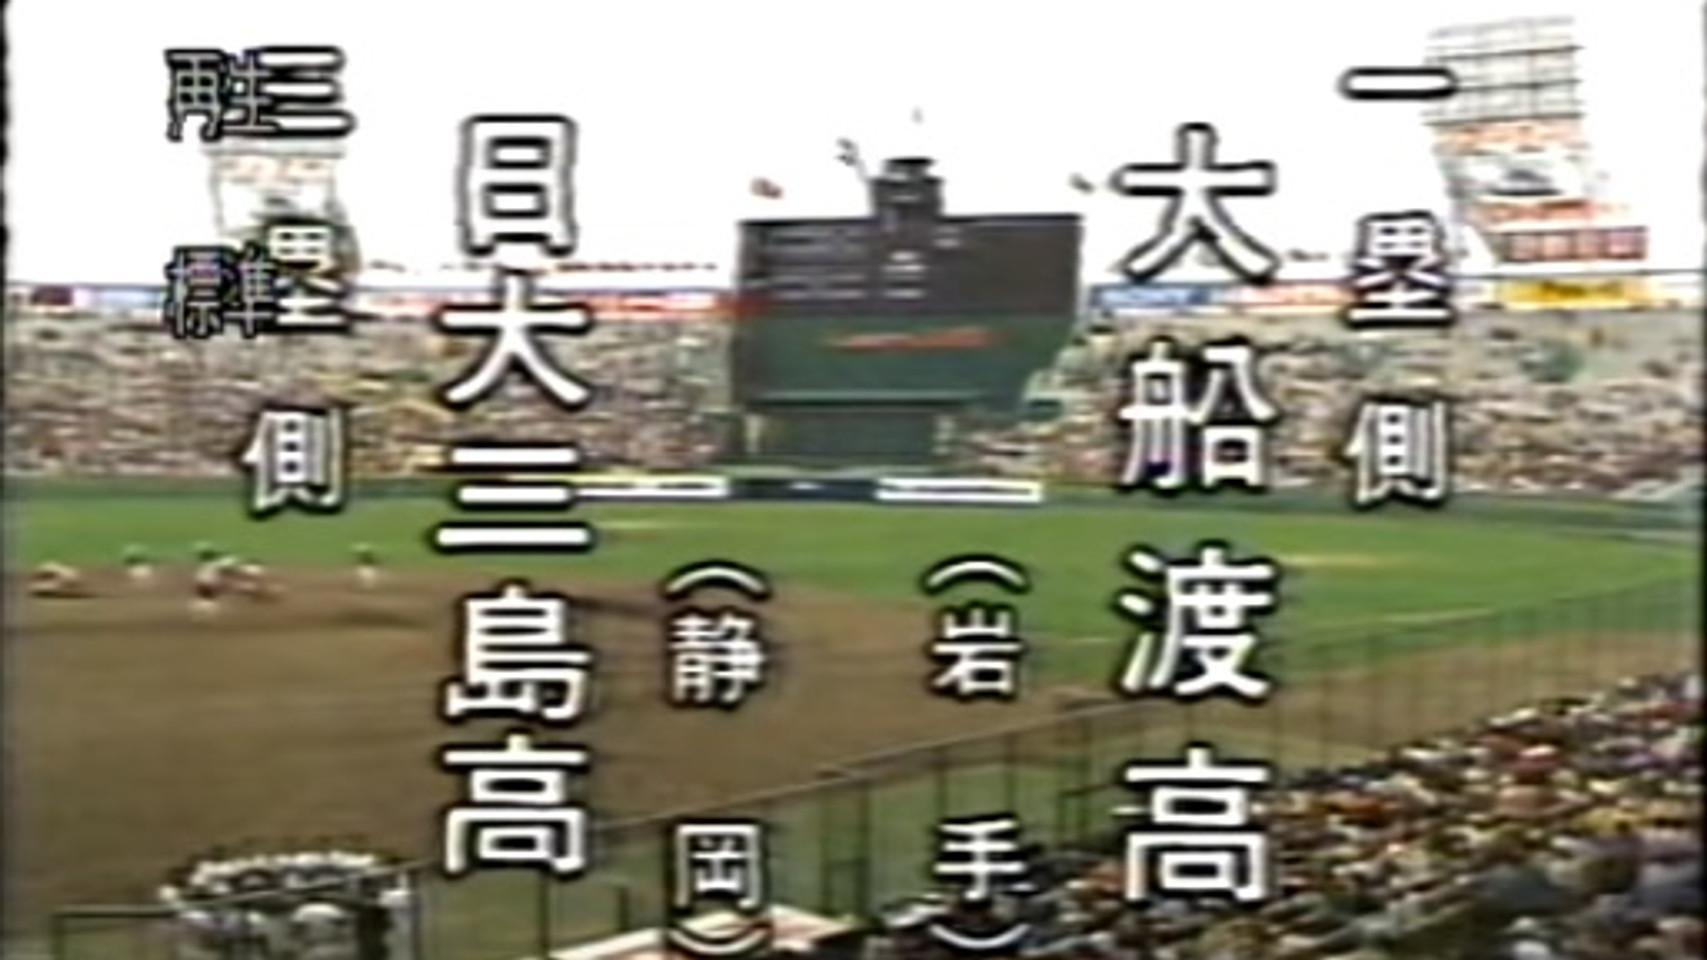 第56回選抜甲子園(1984年)のビデオ